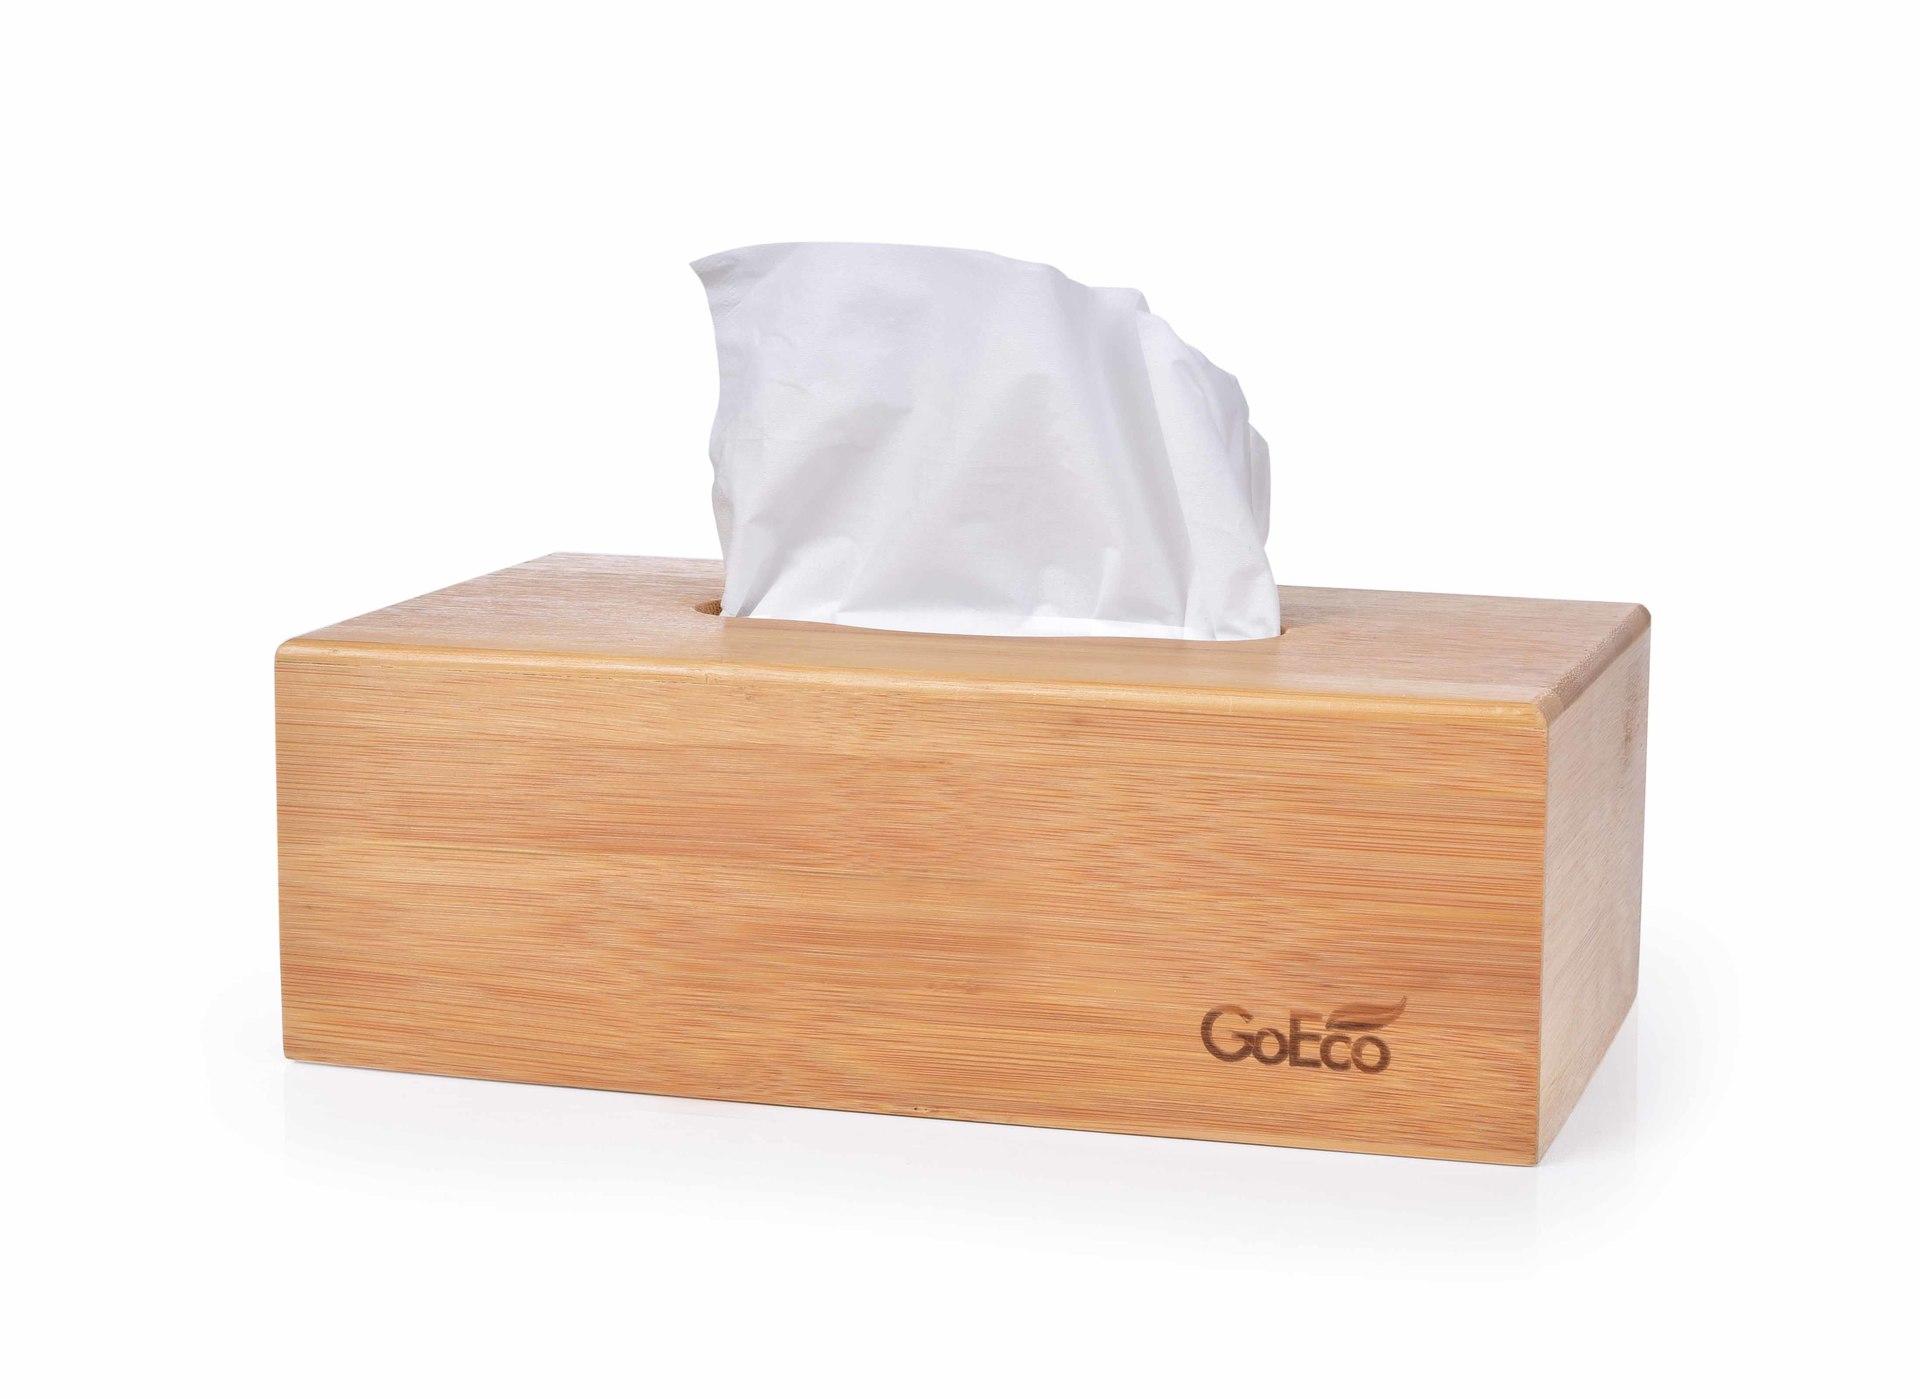 Bambusowa szkatu³ka GoEco(R) na chusteczki higieniczne